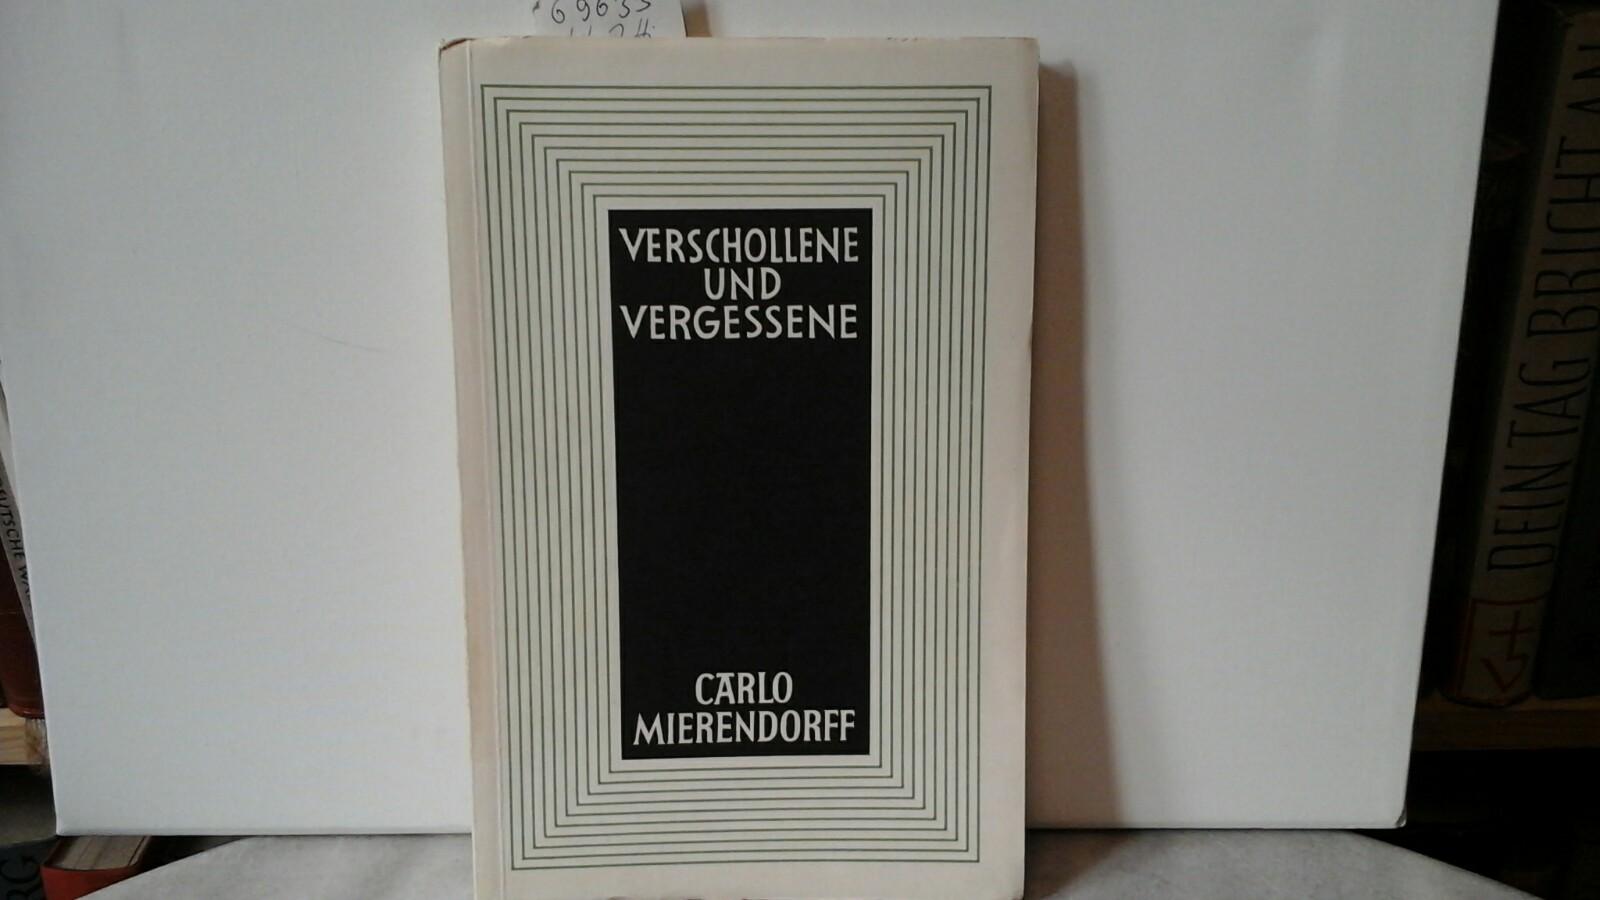 USINGER, FRITZ: Verschollene und Vergessene. Carlo Mierendorff. Eine Einführung in sein Werk und eine Auswahl von Fritz Usinger. Mit 2 Tafeln. Erste /1./ Auagabe.